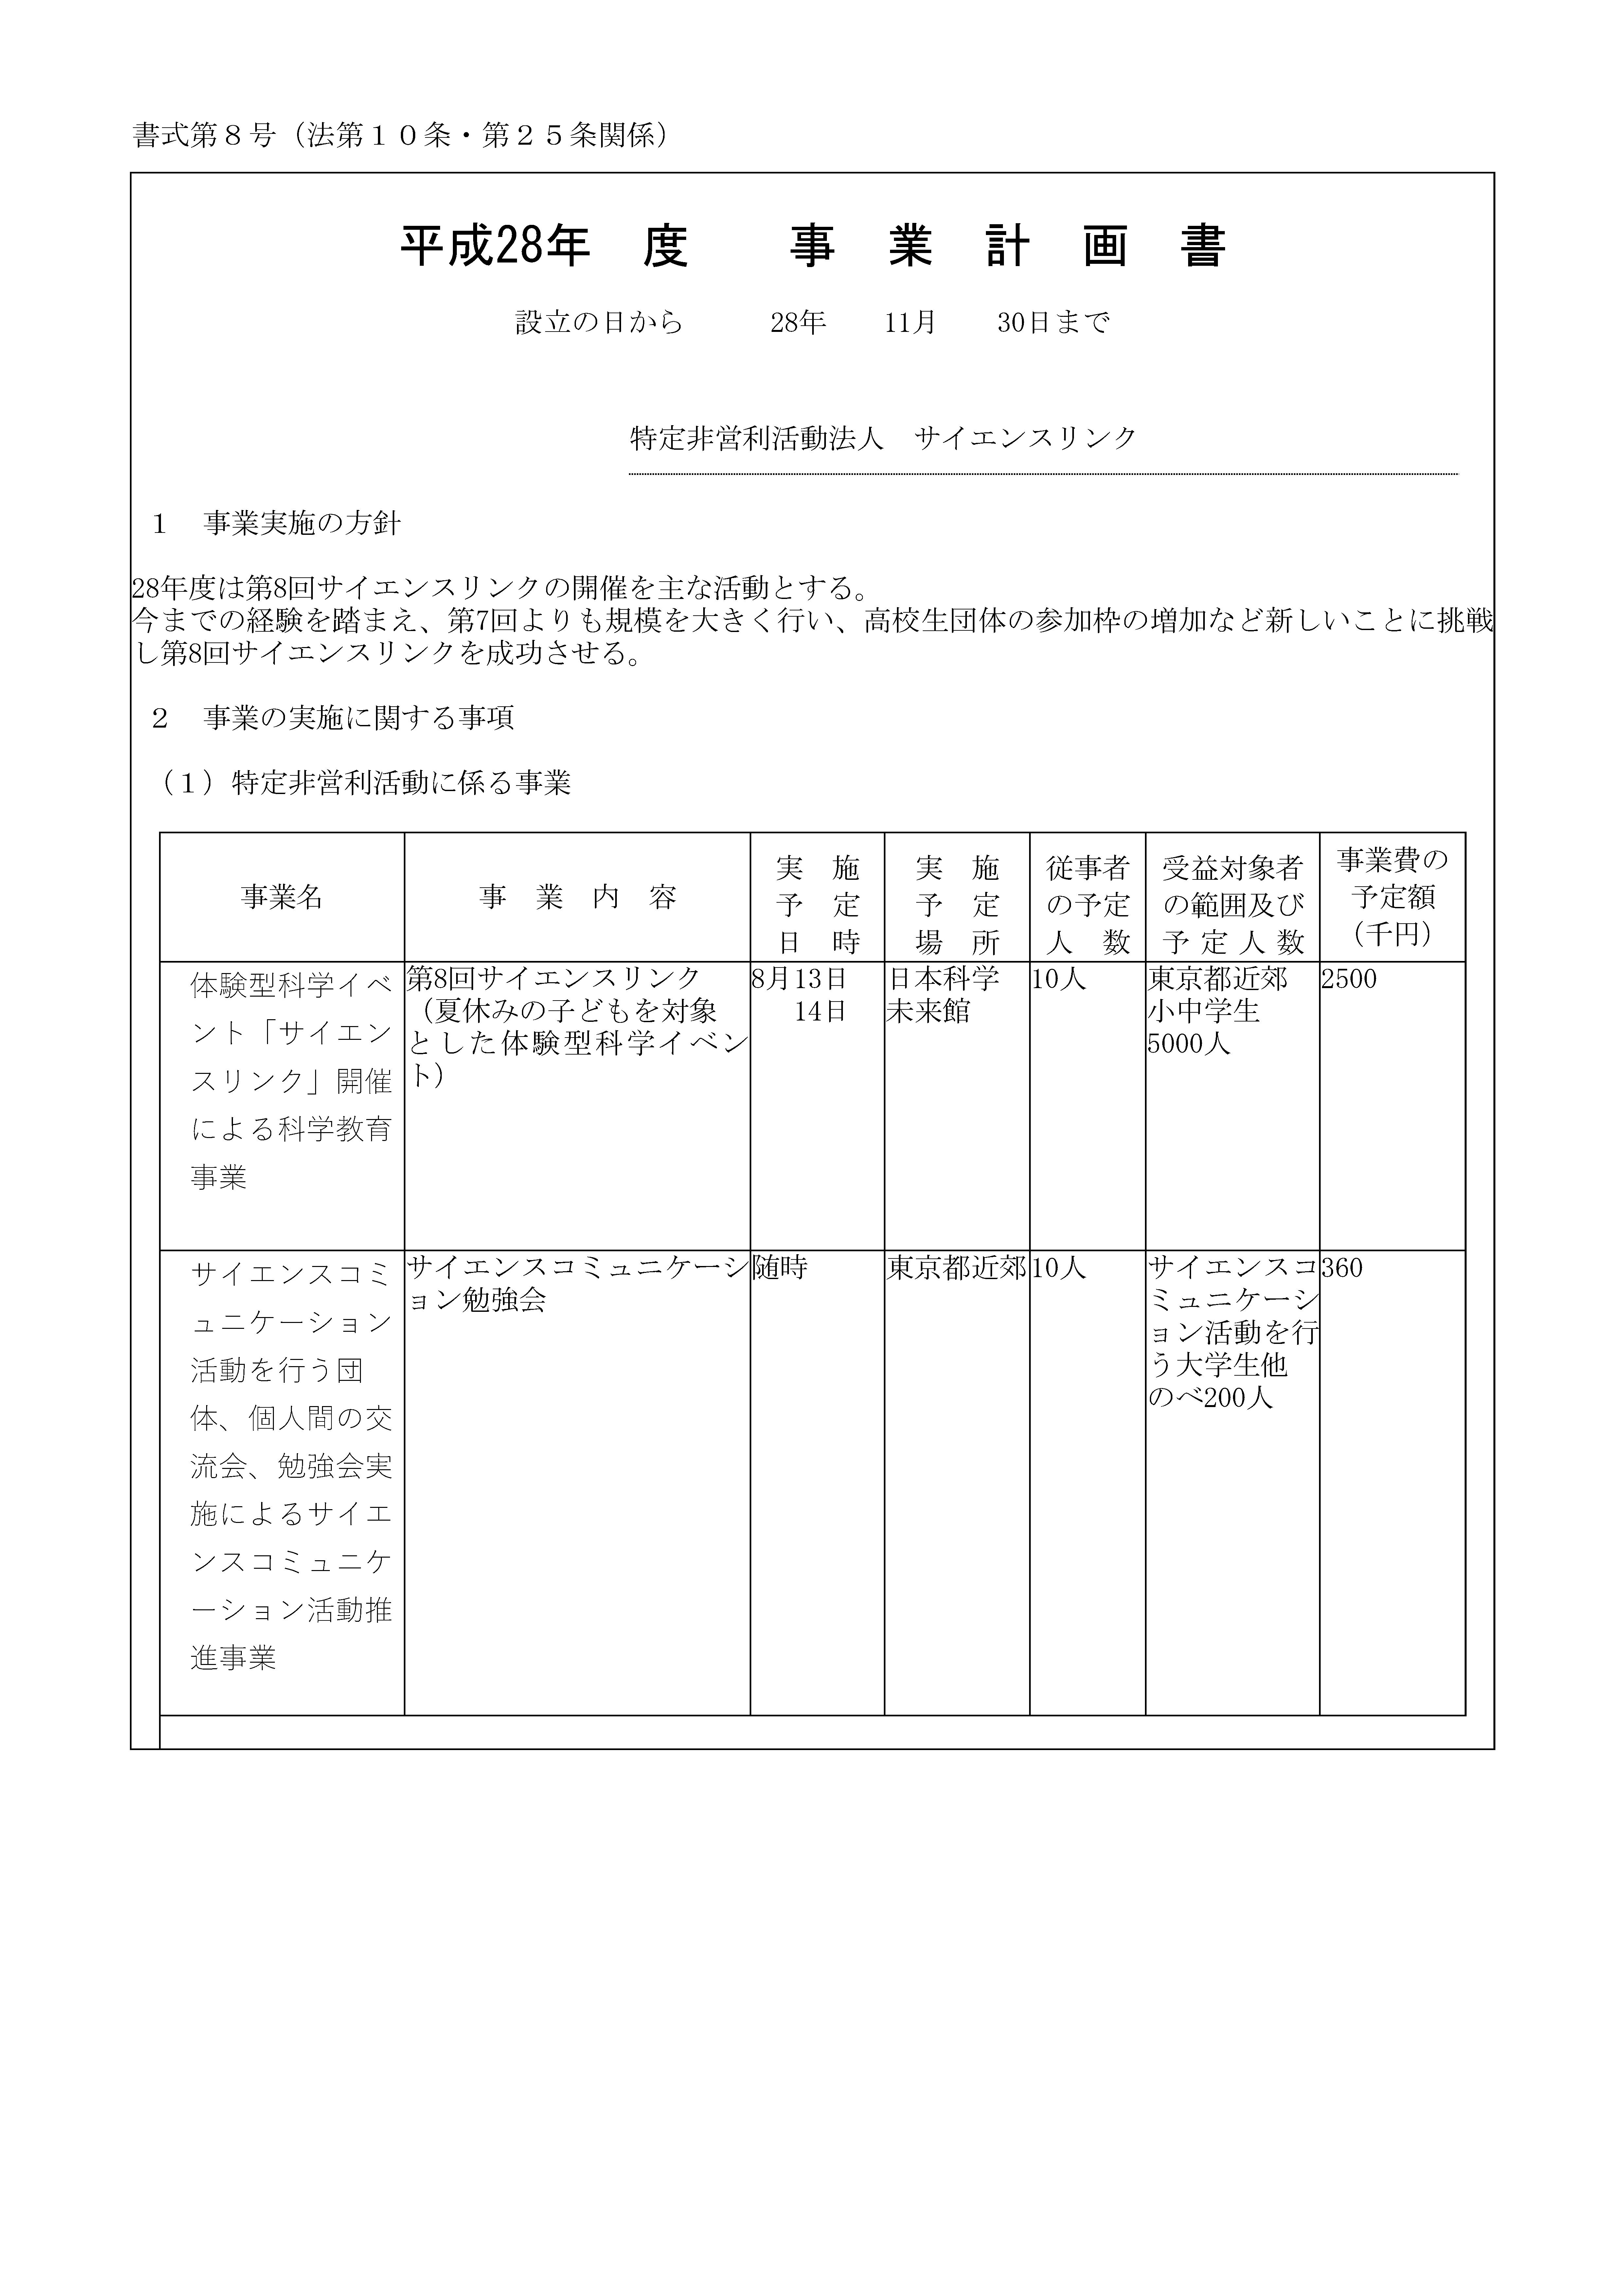 H28 事業計画書 (1)